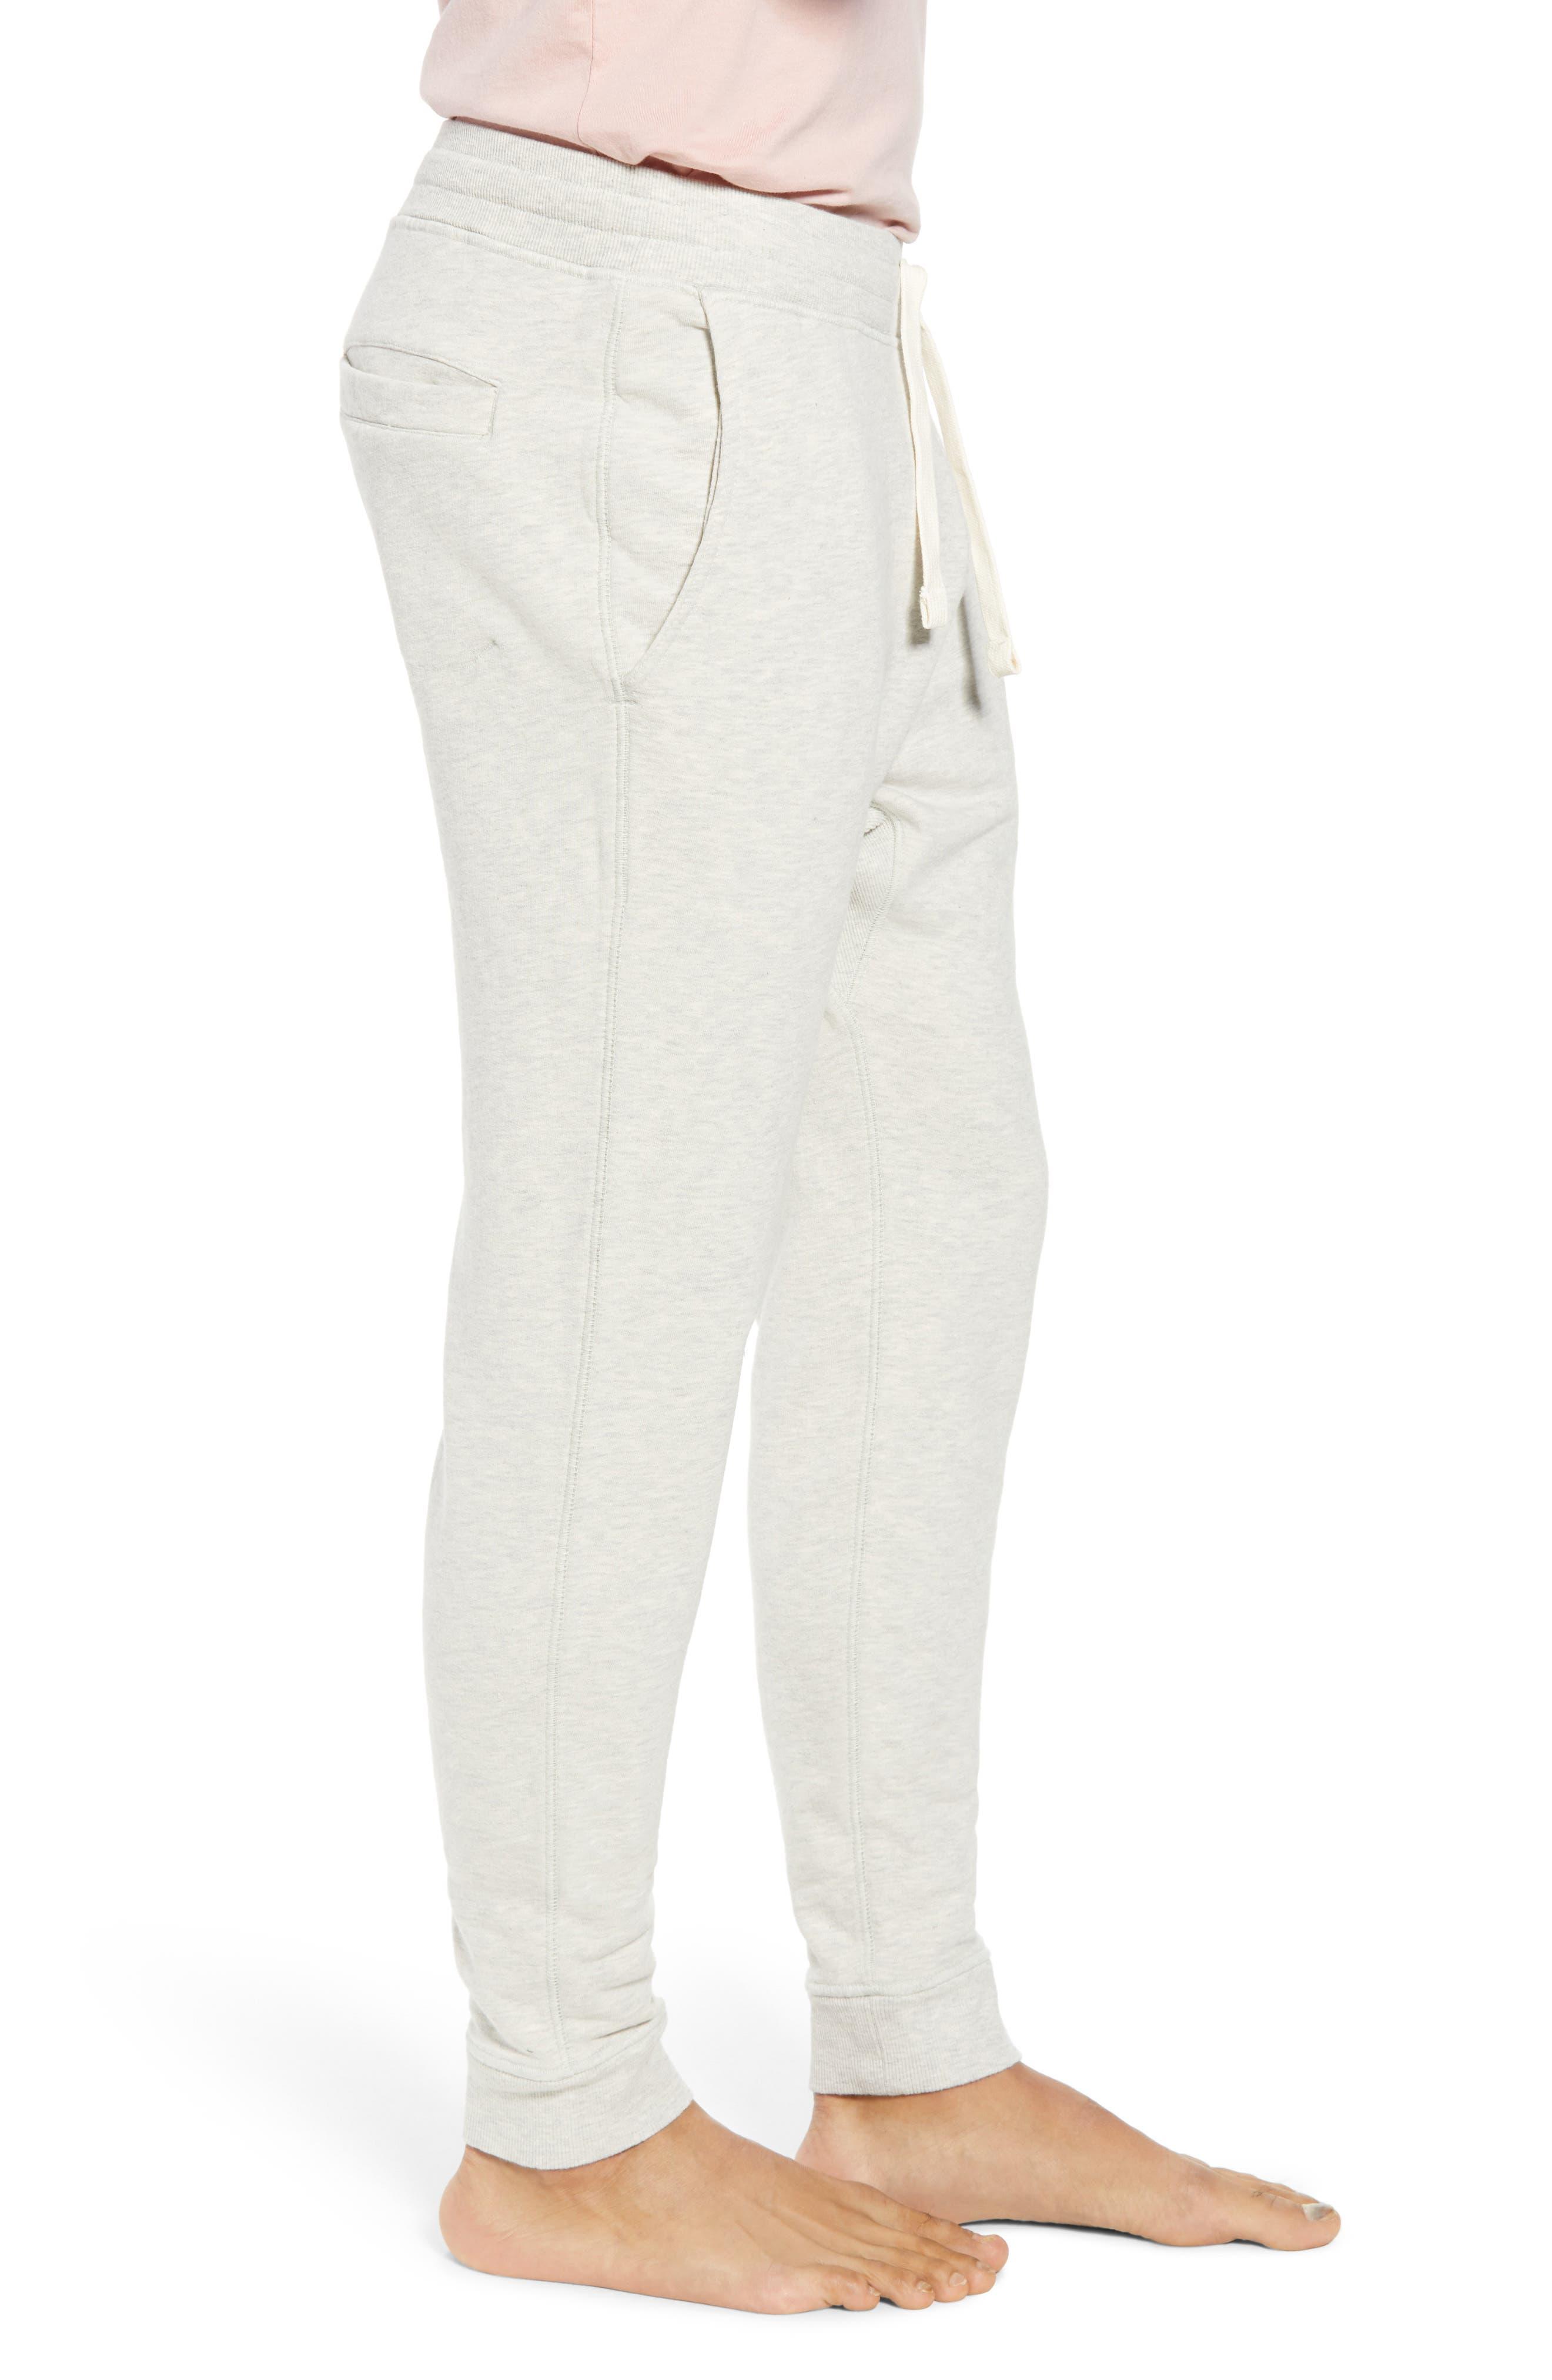 RICHER POORER, Cotton Lounge Pants, Alternate thumbnail 3, color, OATMEAL